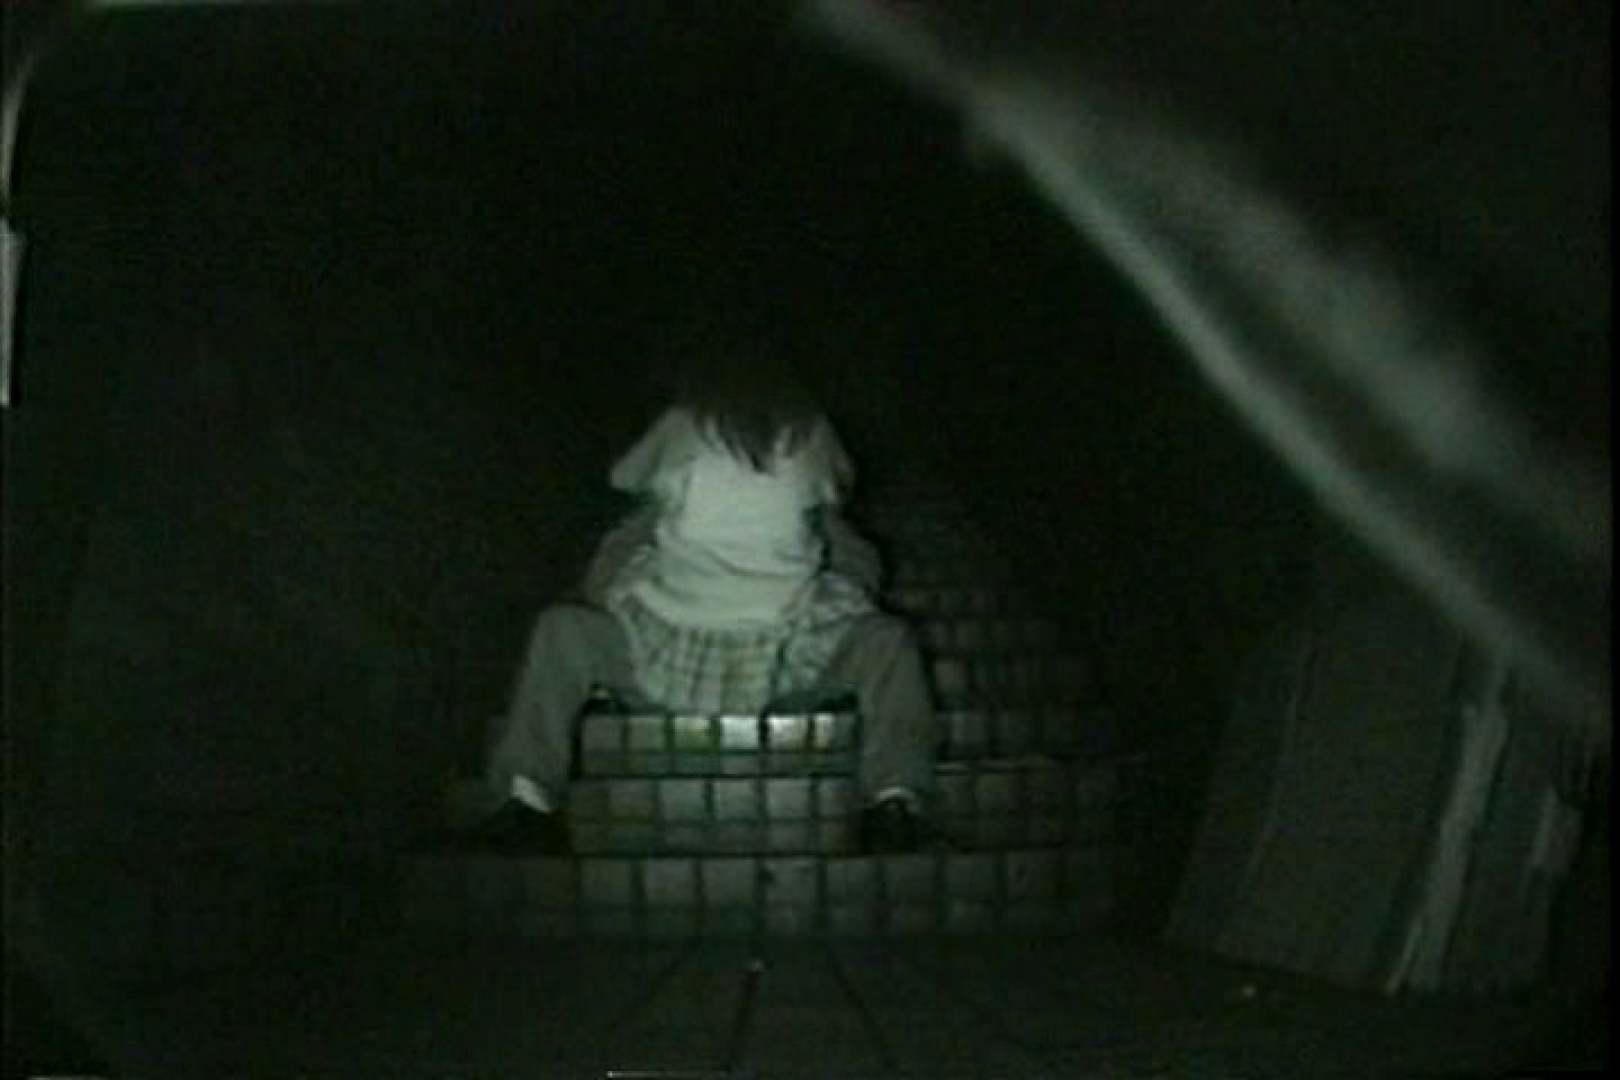 闇の仕掛け人 無修正版 Vol.17 セックス オマンコ動画キャプチャ 102pic 31